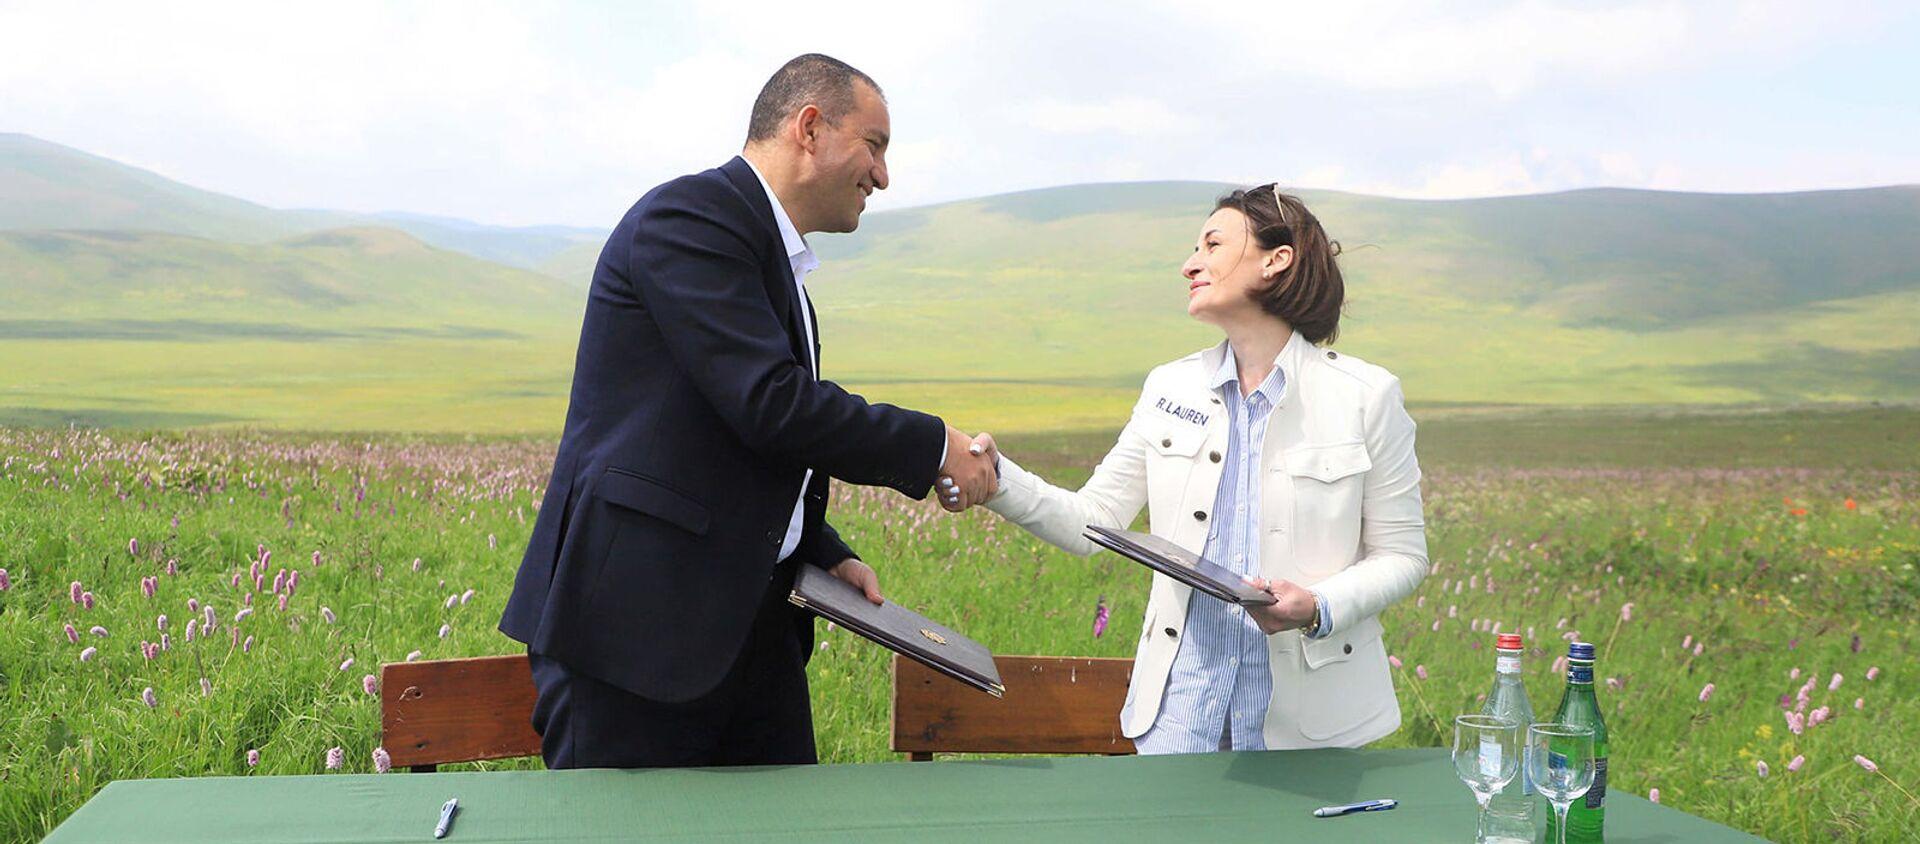 Министр экономики Ваган Керобян подписывает меморандум о взаимопонимании с Фондом конкурентоспособности регионального развития «ДАР» (18 июня 2021). - Sputnik Արմենիա, 1920, 18.06.2021